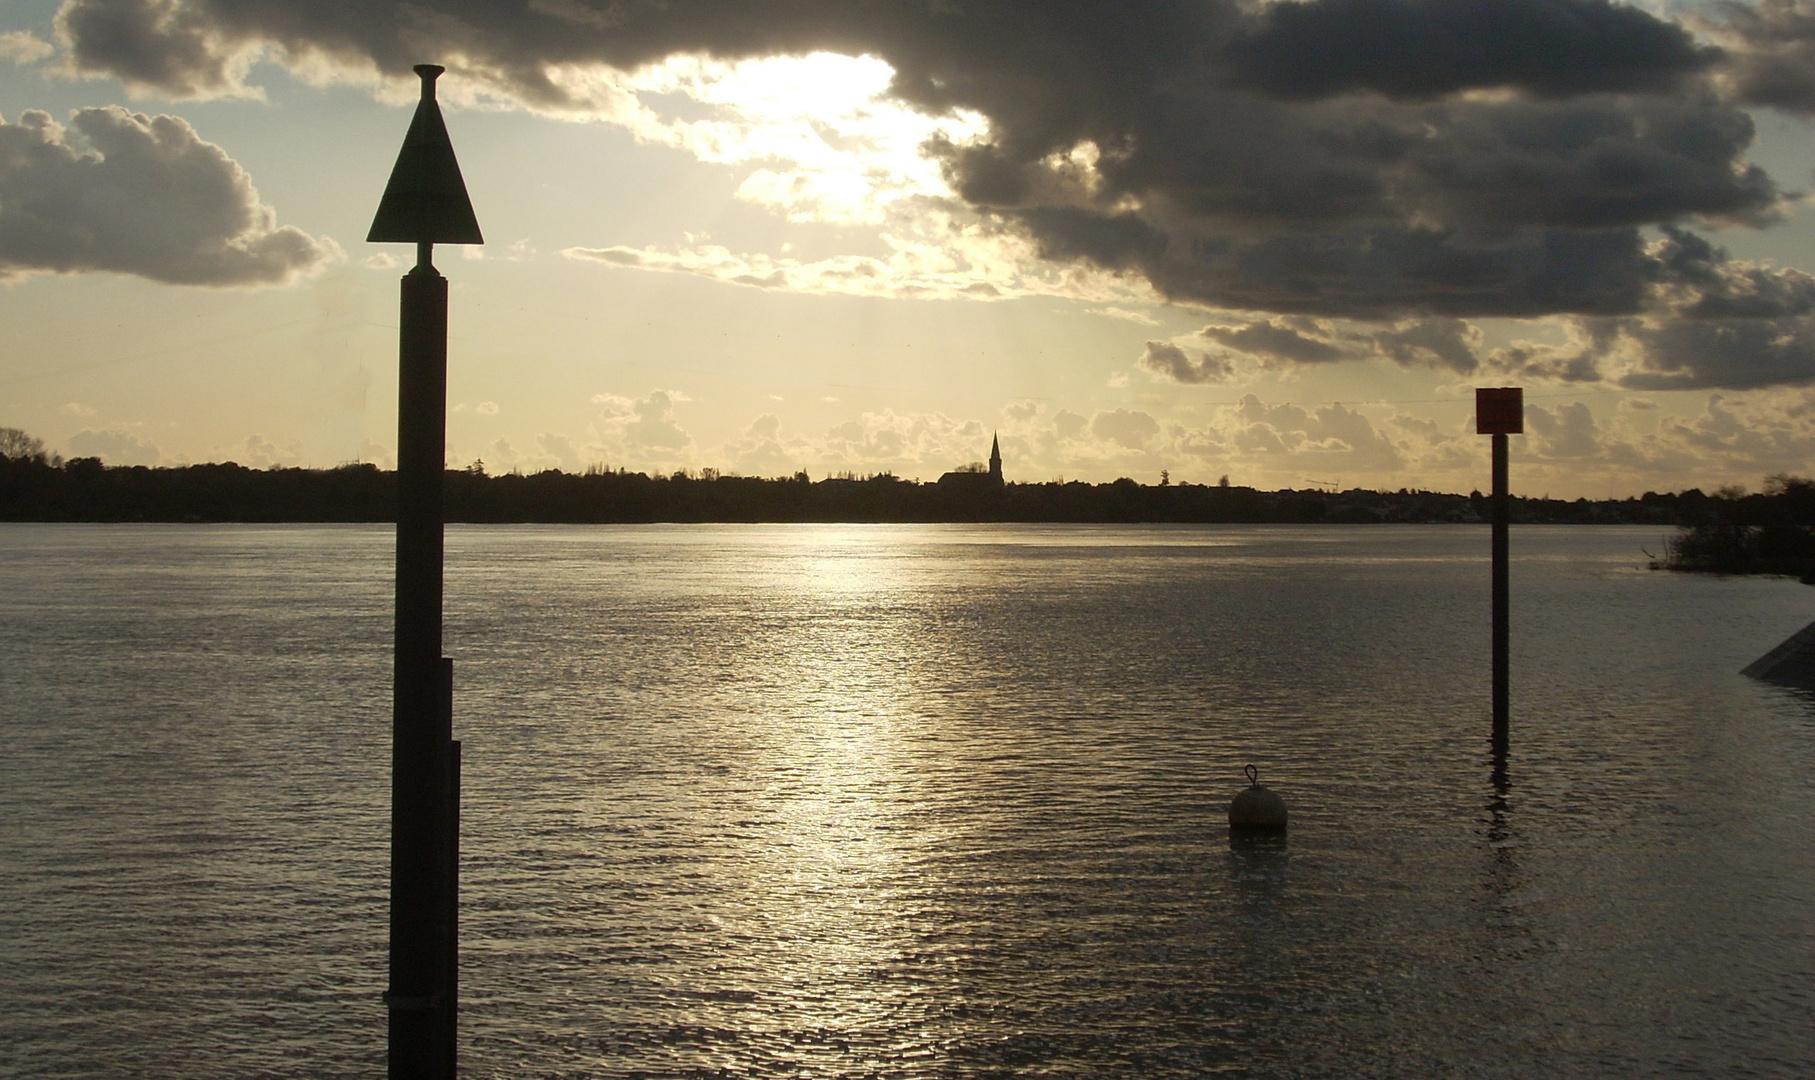 Et coule la Loire vers son estuaire.